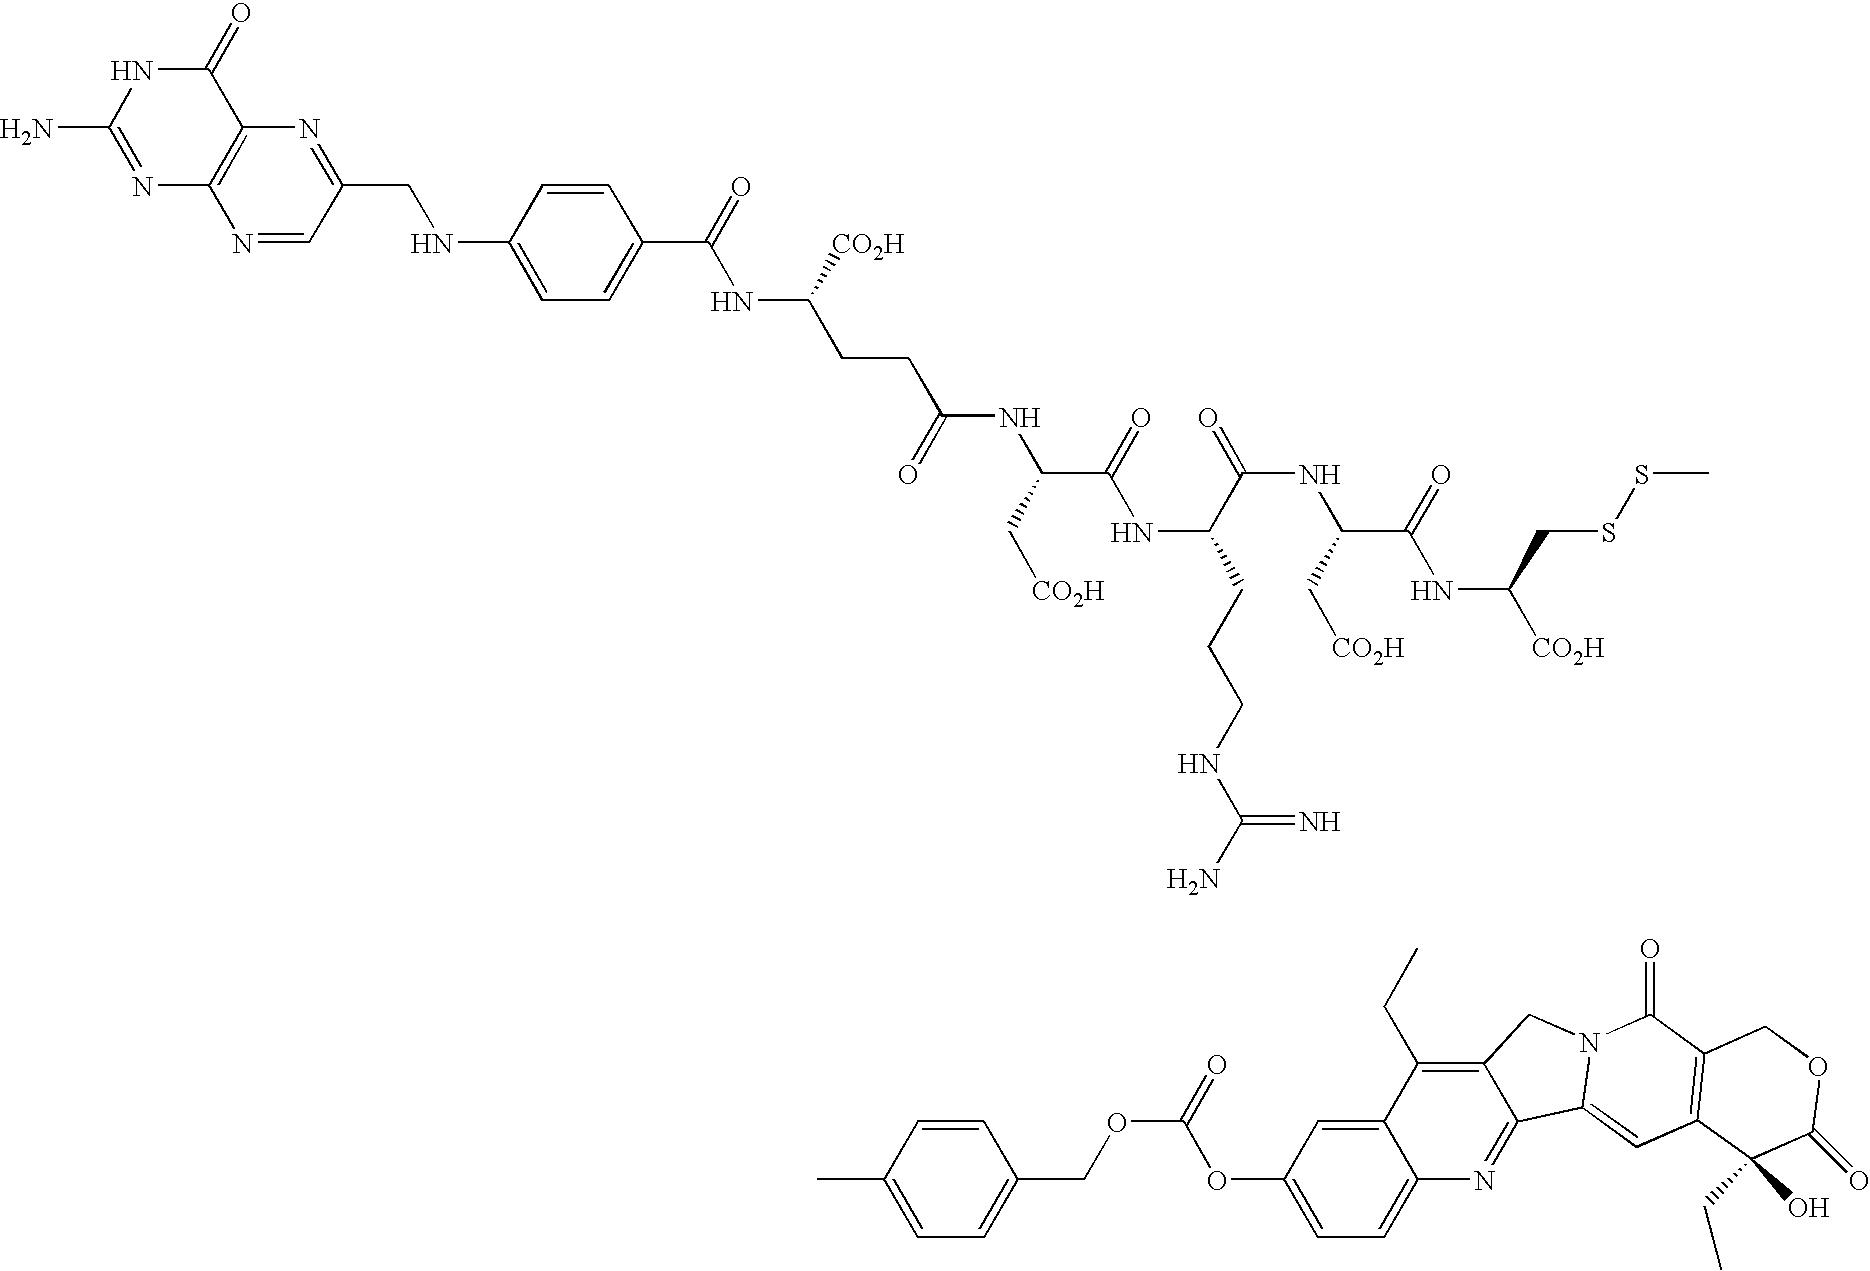 Figure US20100004276A1-20100107-C00153